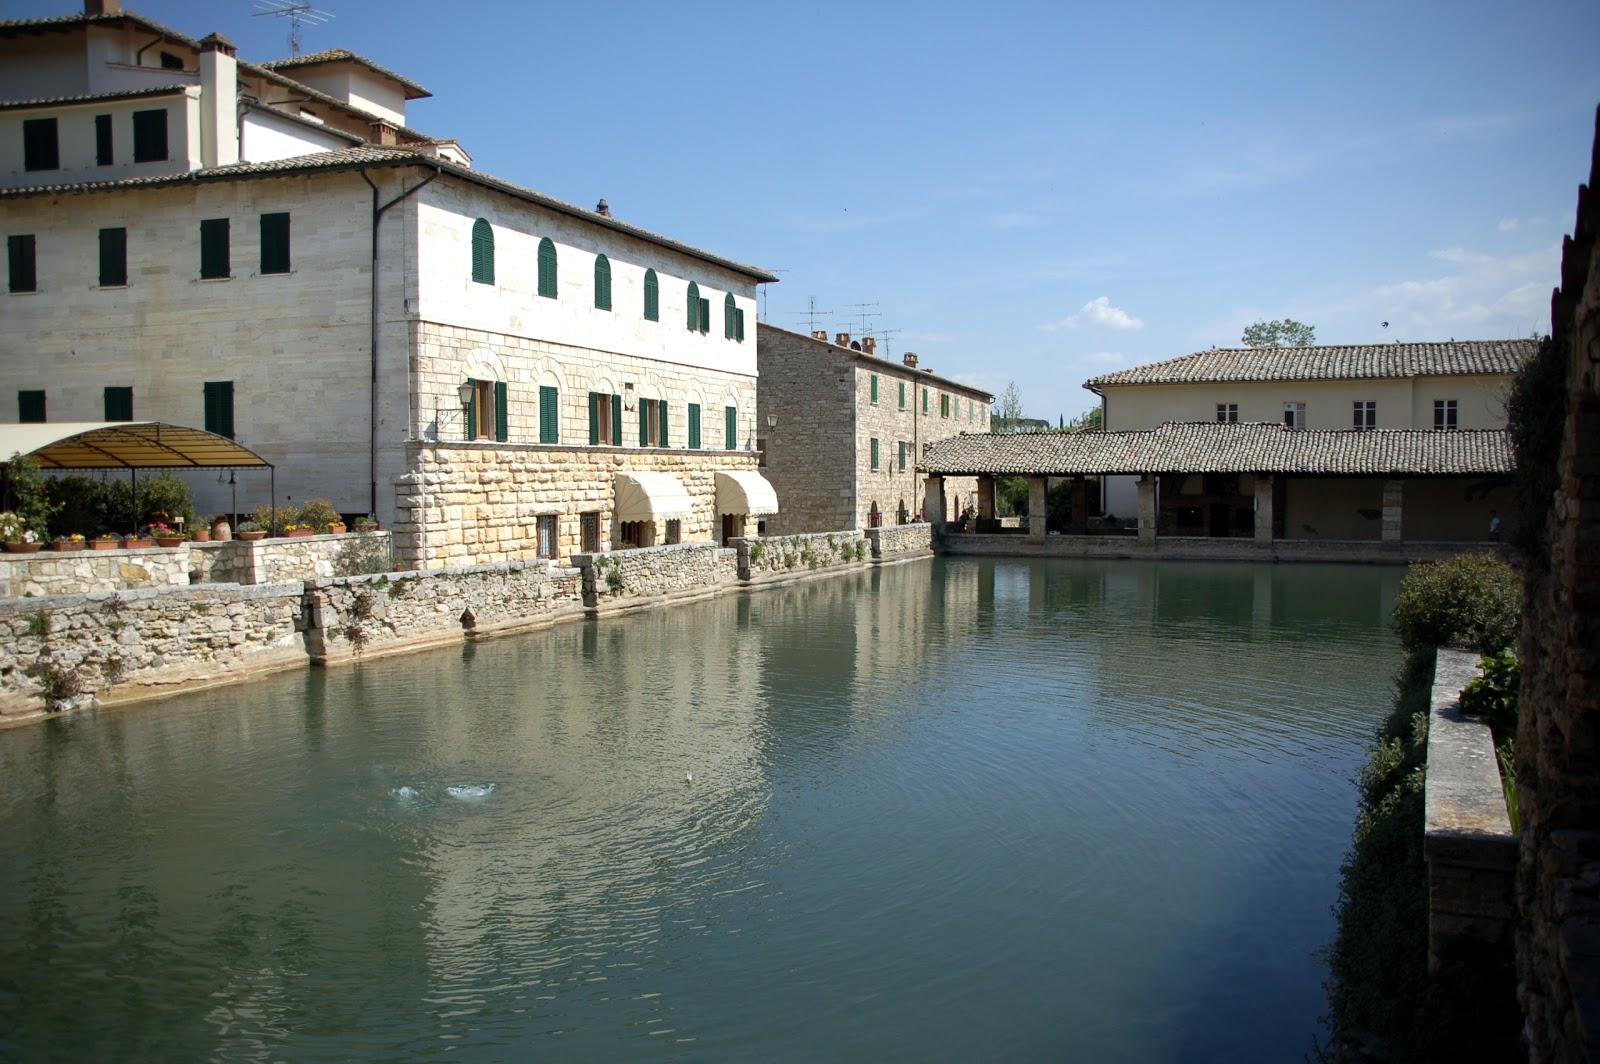 Gcf bagno vignoni - Bagno a vignoni ...